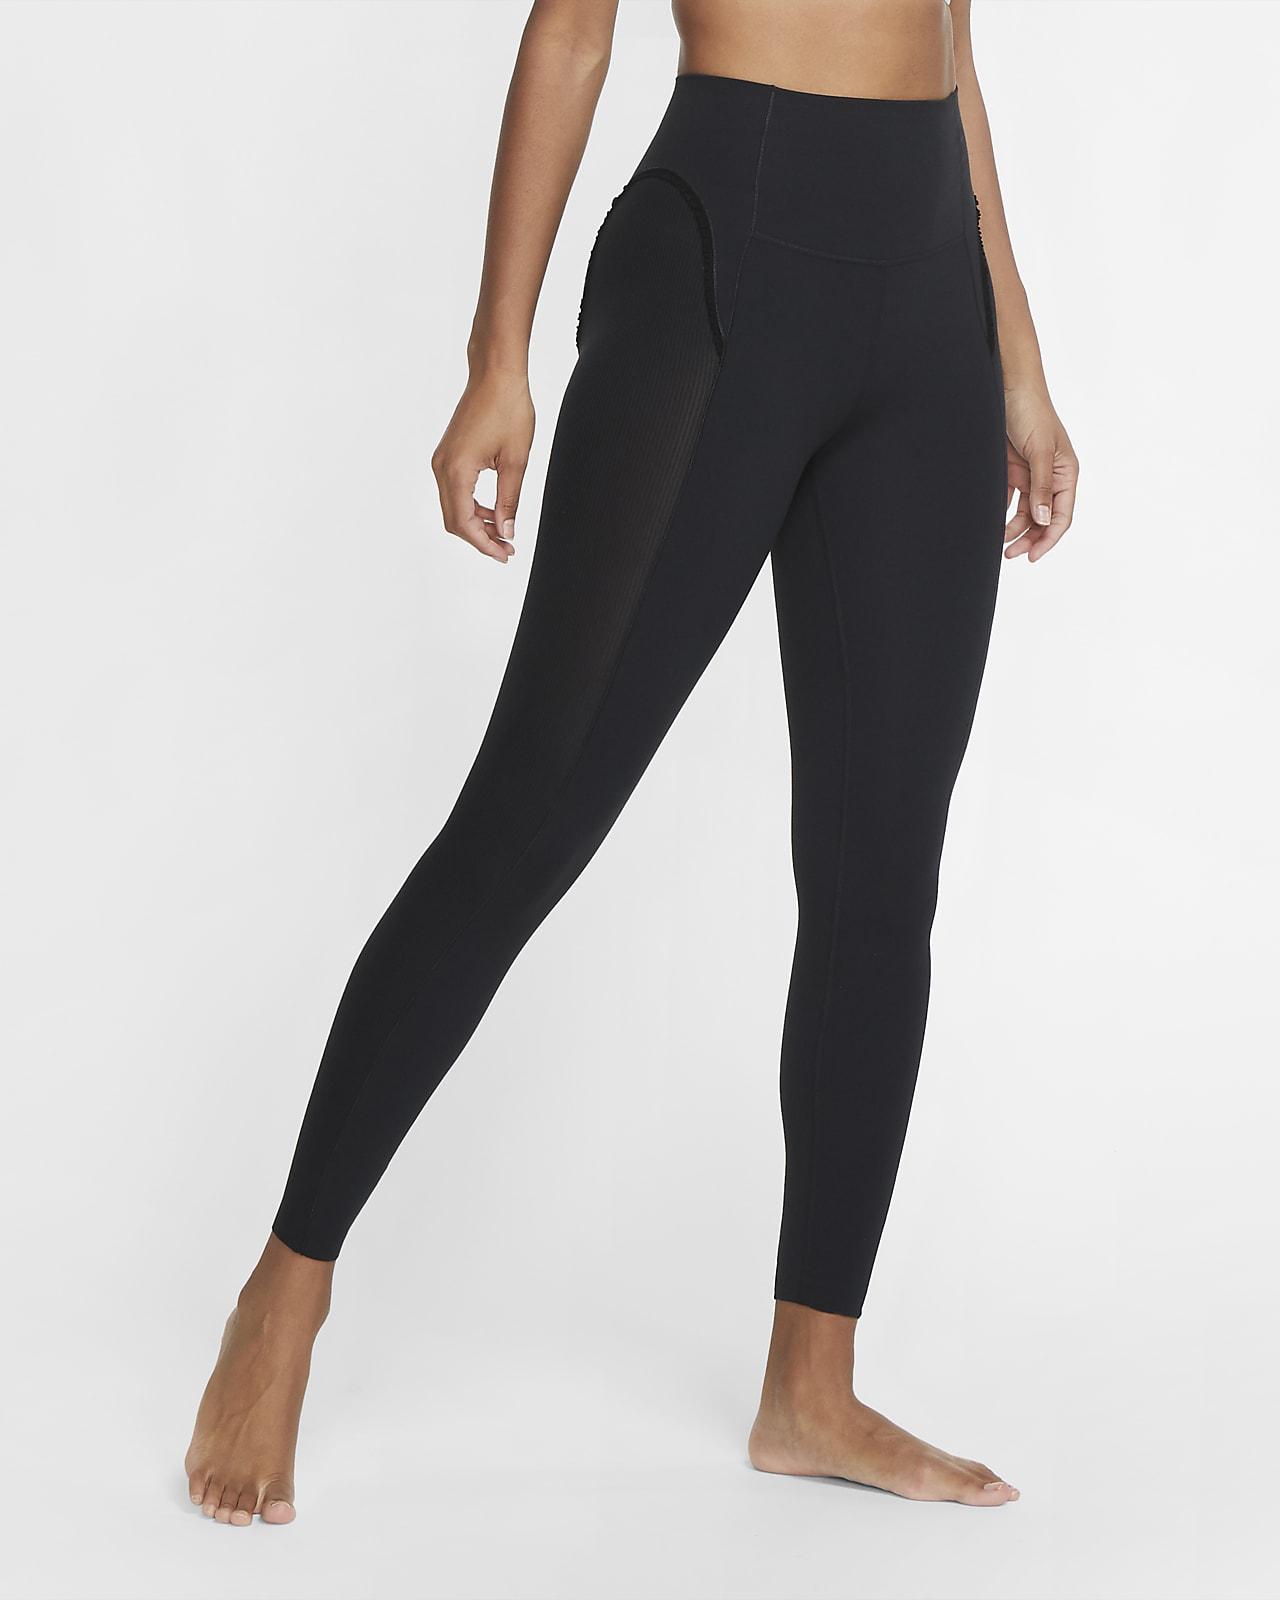 Nike Yoga Luxe geraffte Infinalon-7/8-Tights für Damen